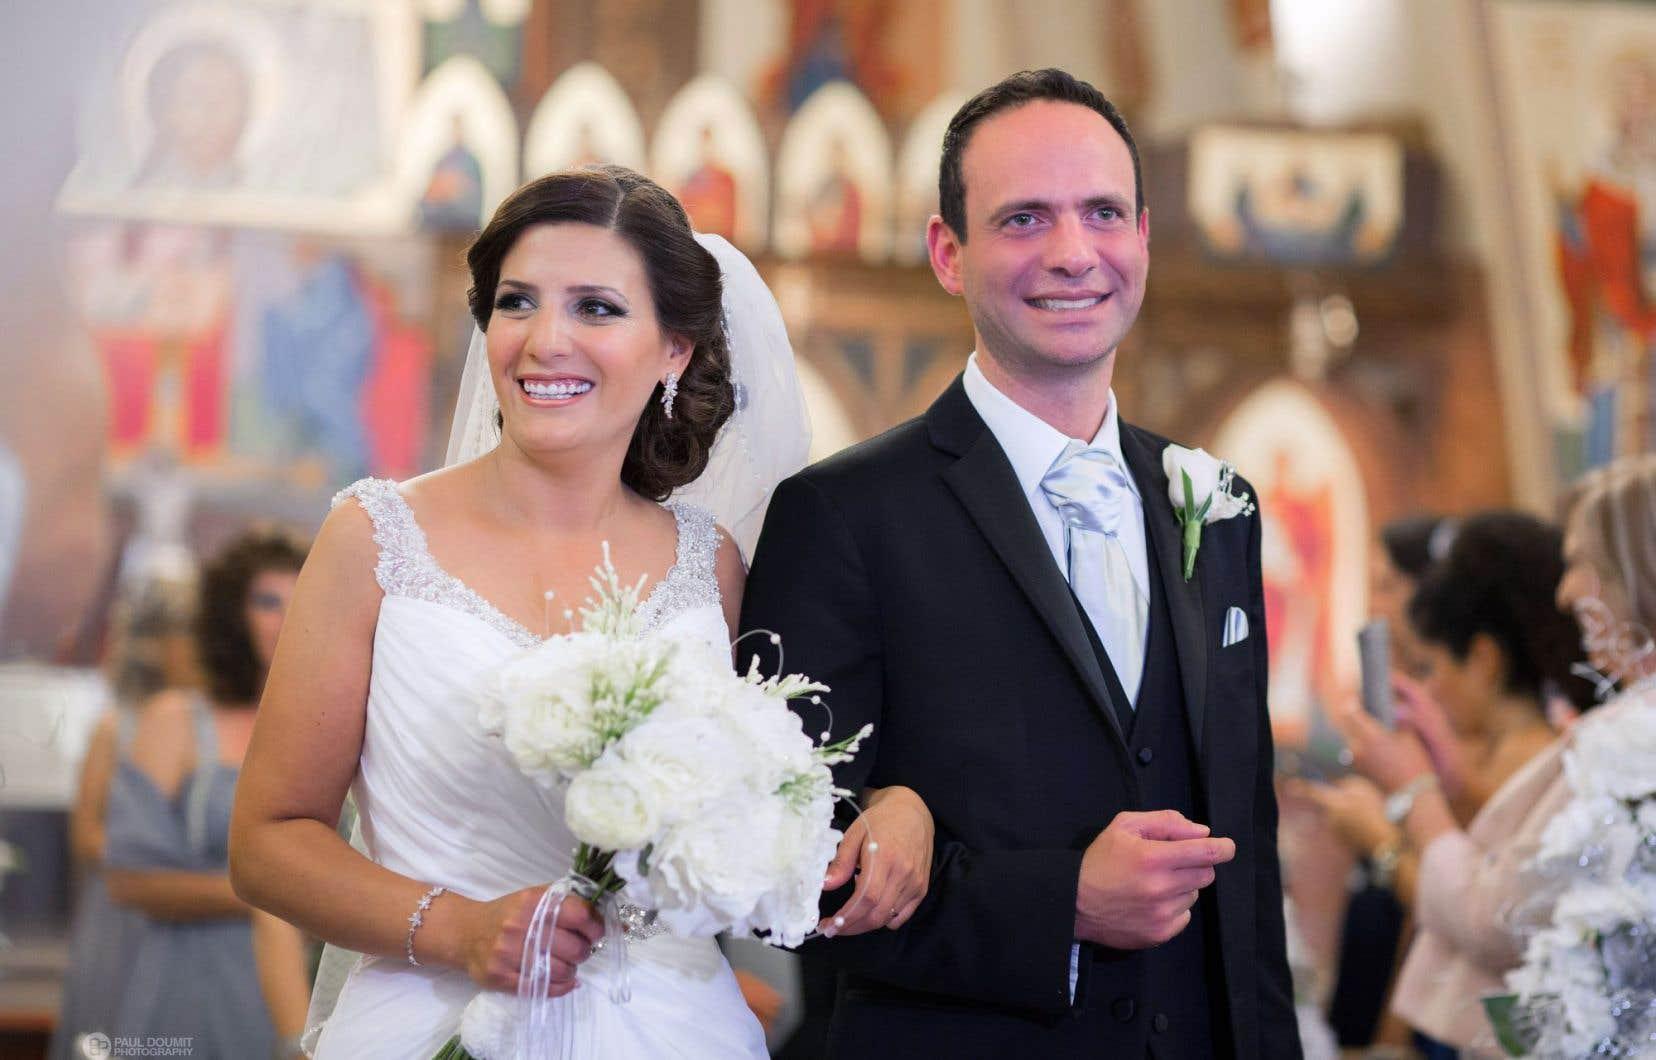 D'origine libanaise, Nayla est maronite tandis que que Jean est chrétien orthodoxe.